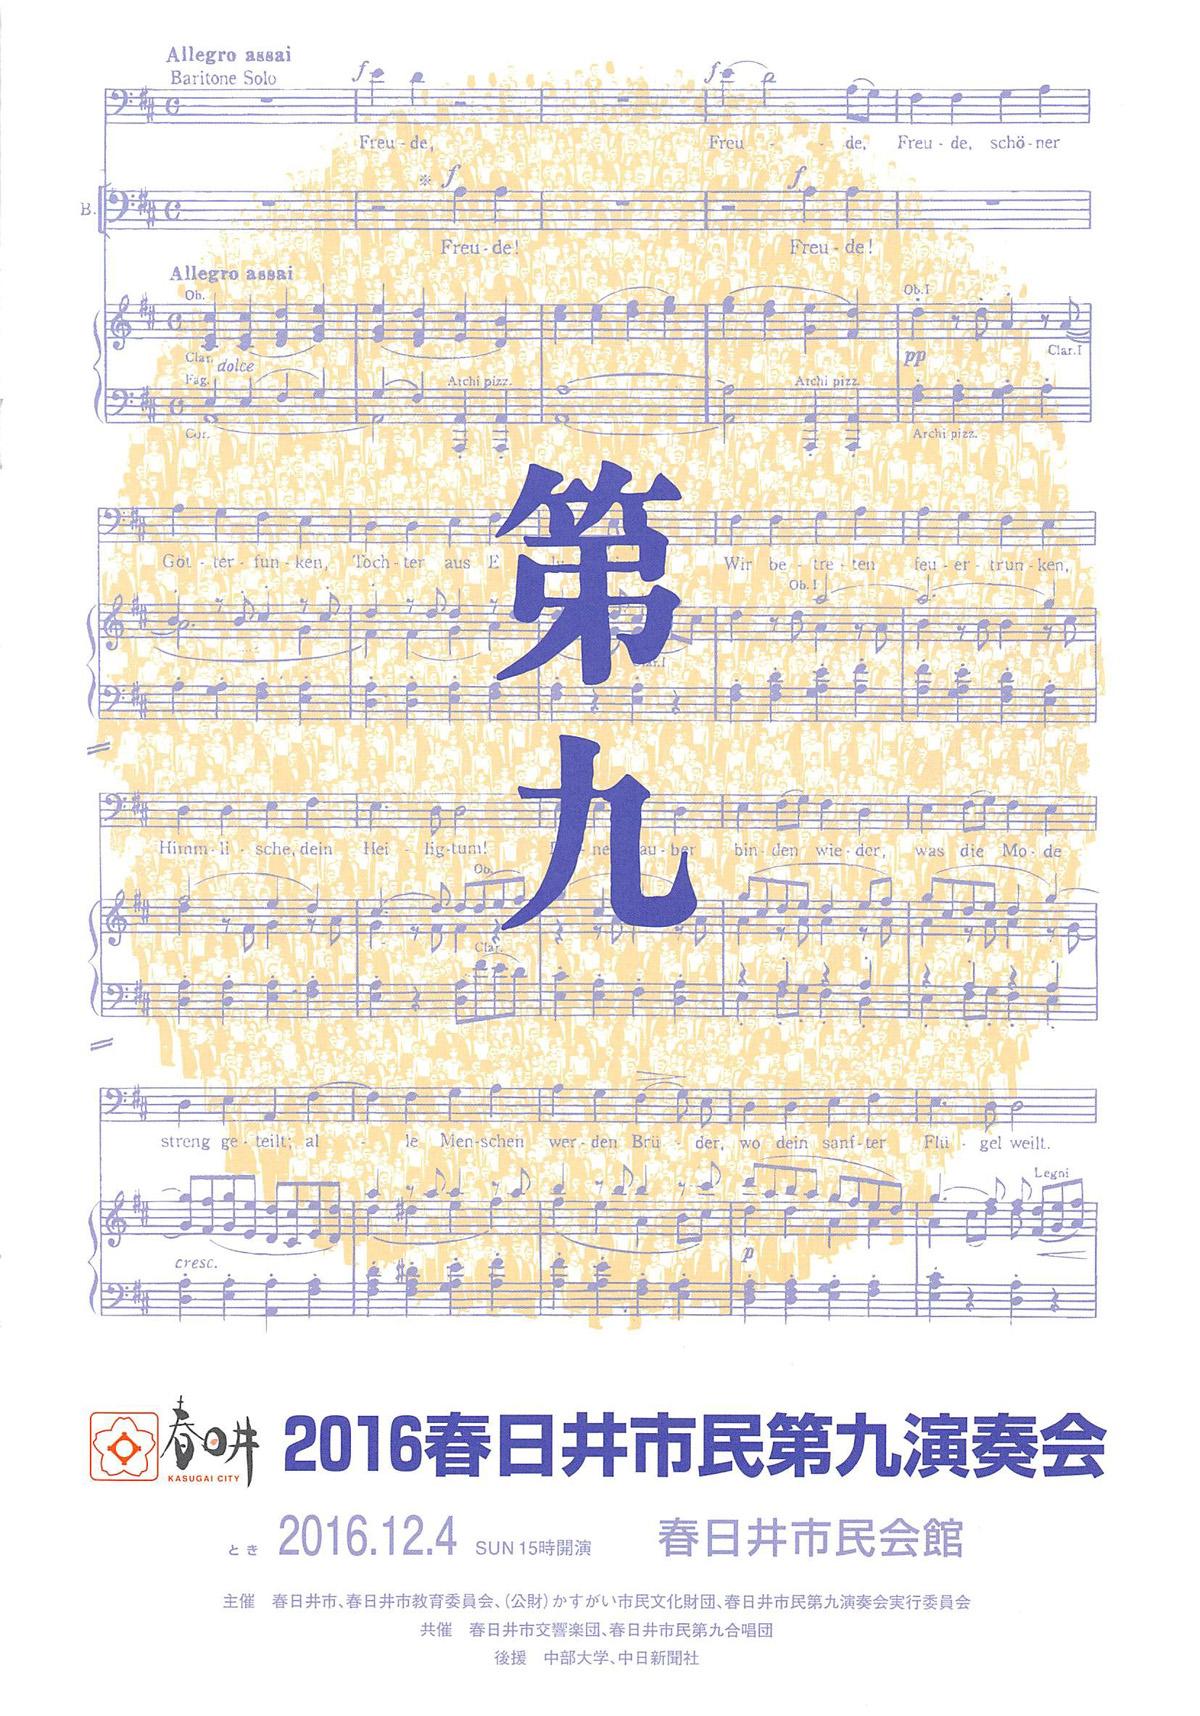 2016春日井市民第九演奏会プログラム